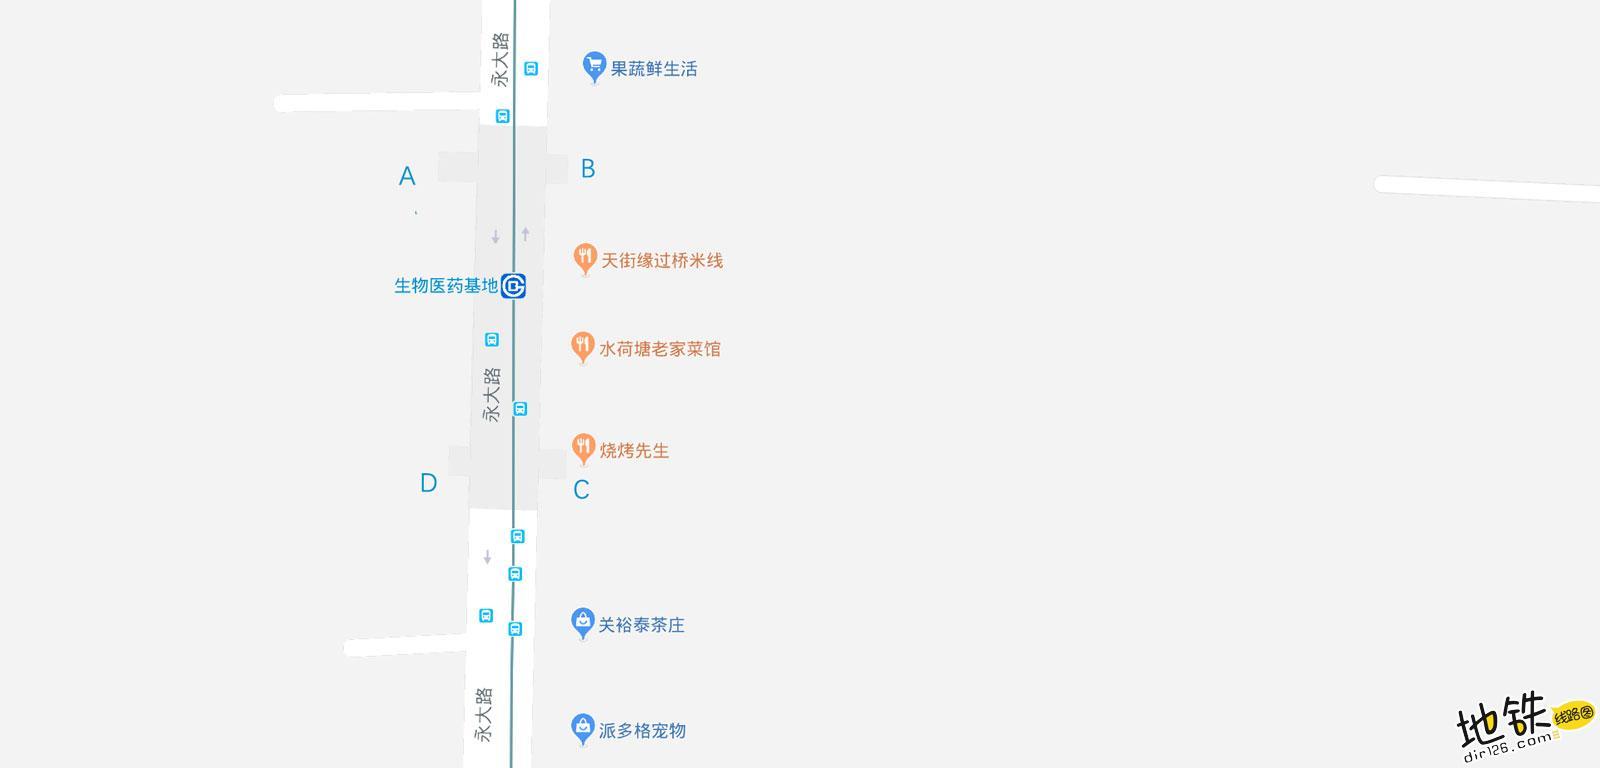 生物医药基地地铁站 北京地铁生物医药基地站出入口 地图信息查询  北京地铁站  第2张